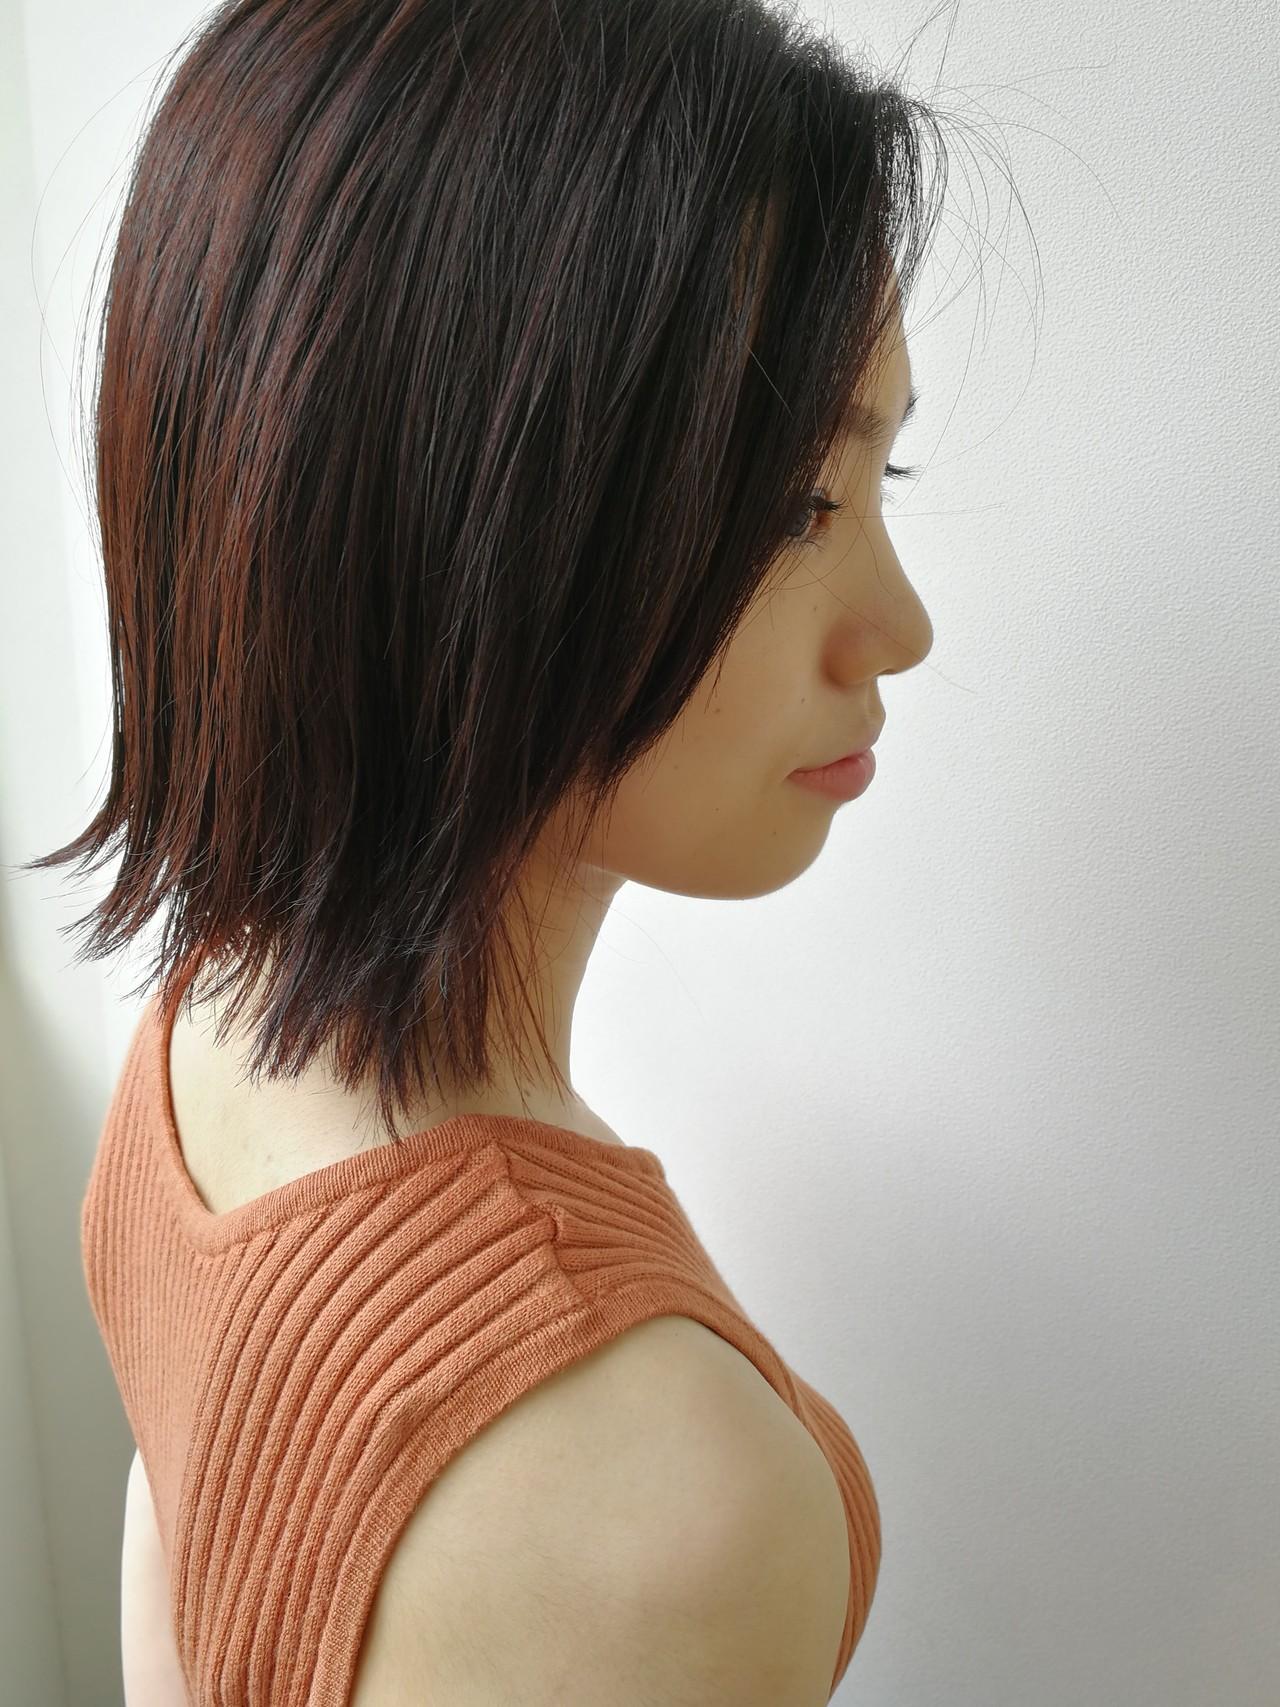 ボブ ストレート レイヤーカット ナチュラル ヘアスタイルや髪型の写真・画像